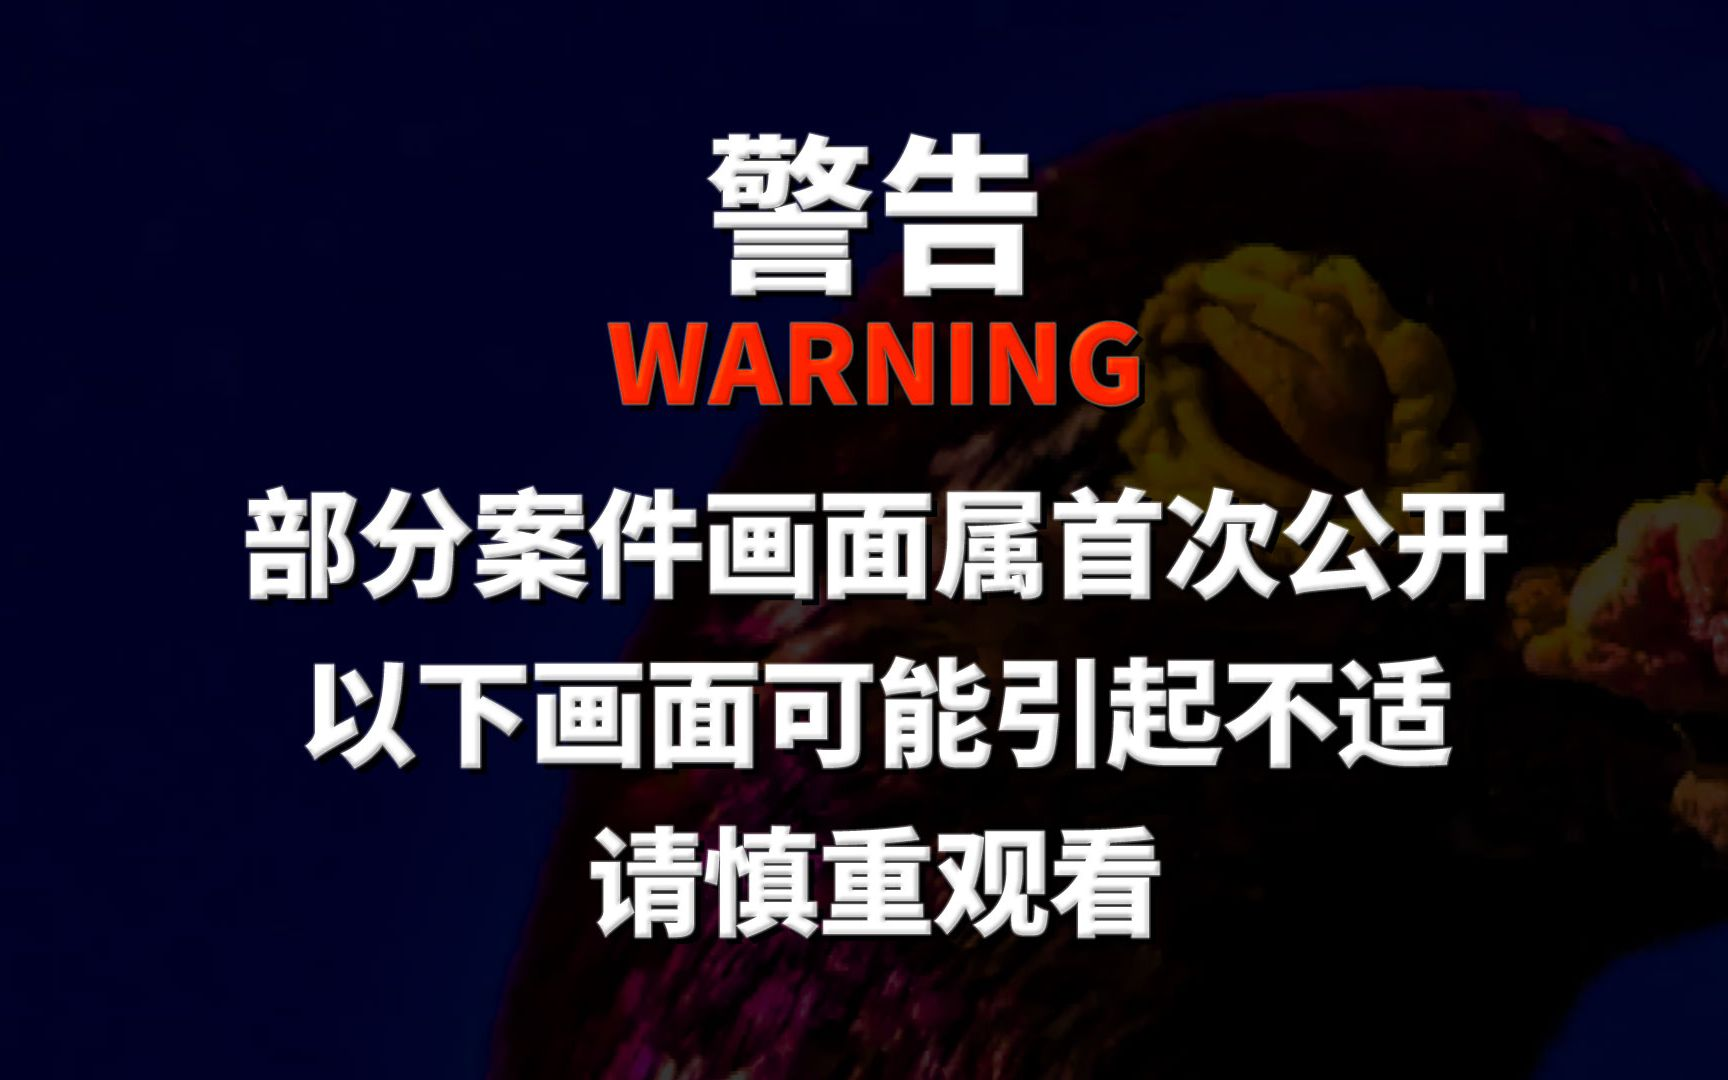 极端主义为祸:中国新疆!【英文纪录片大尺度全方位披露】